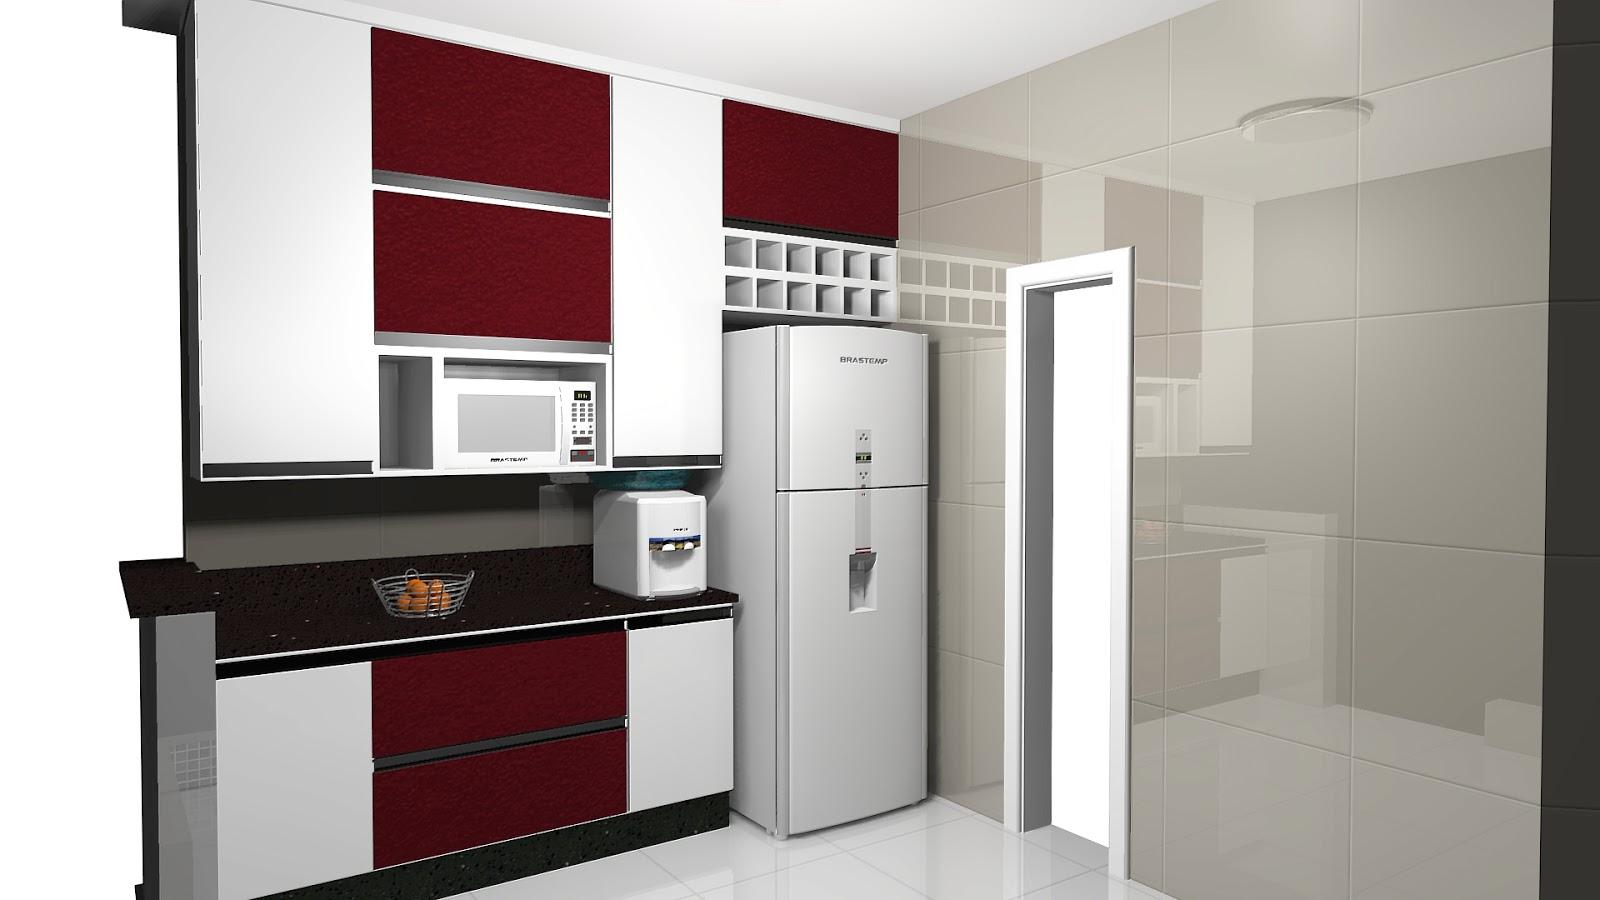 geladeira que tem uma abertura para esconder galão de filtro de água #5C141B 1600 900